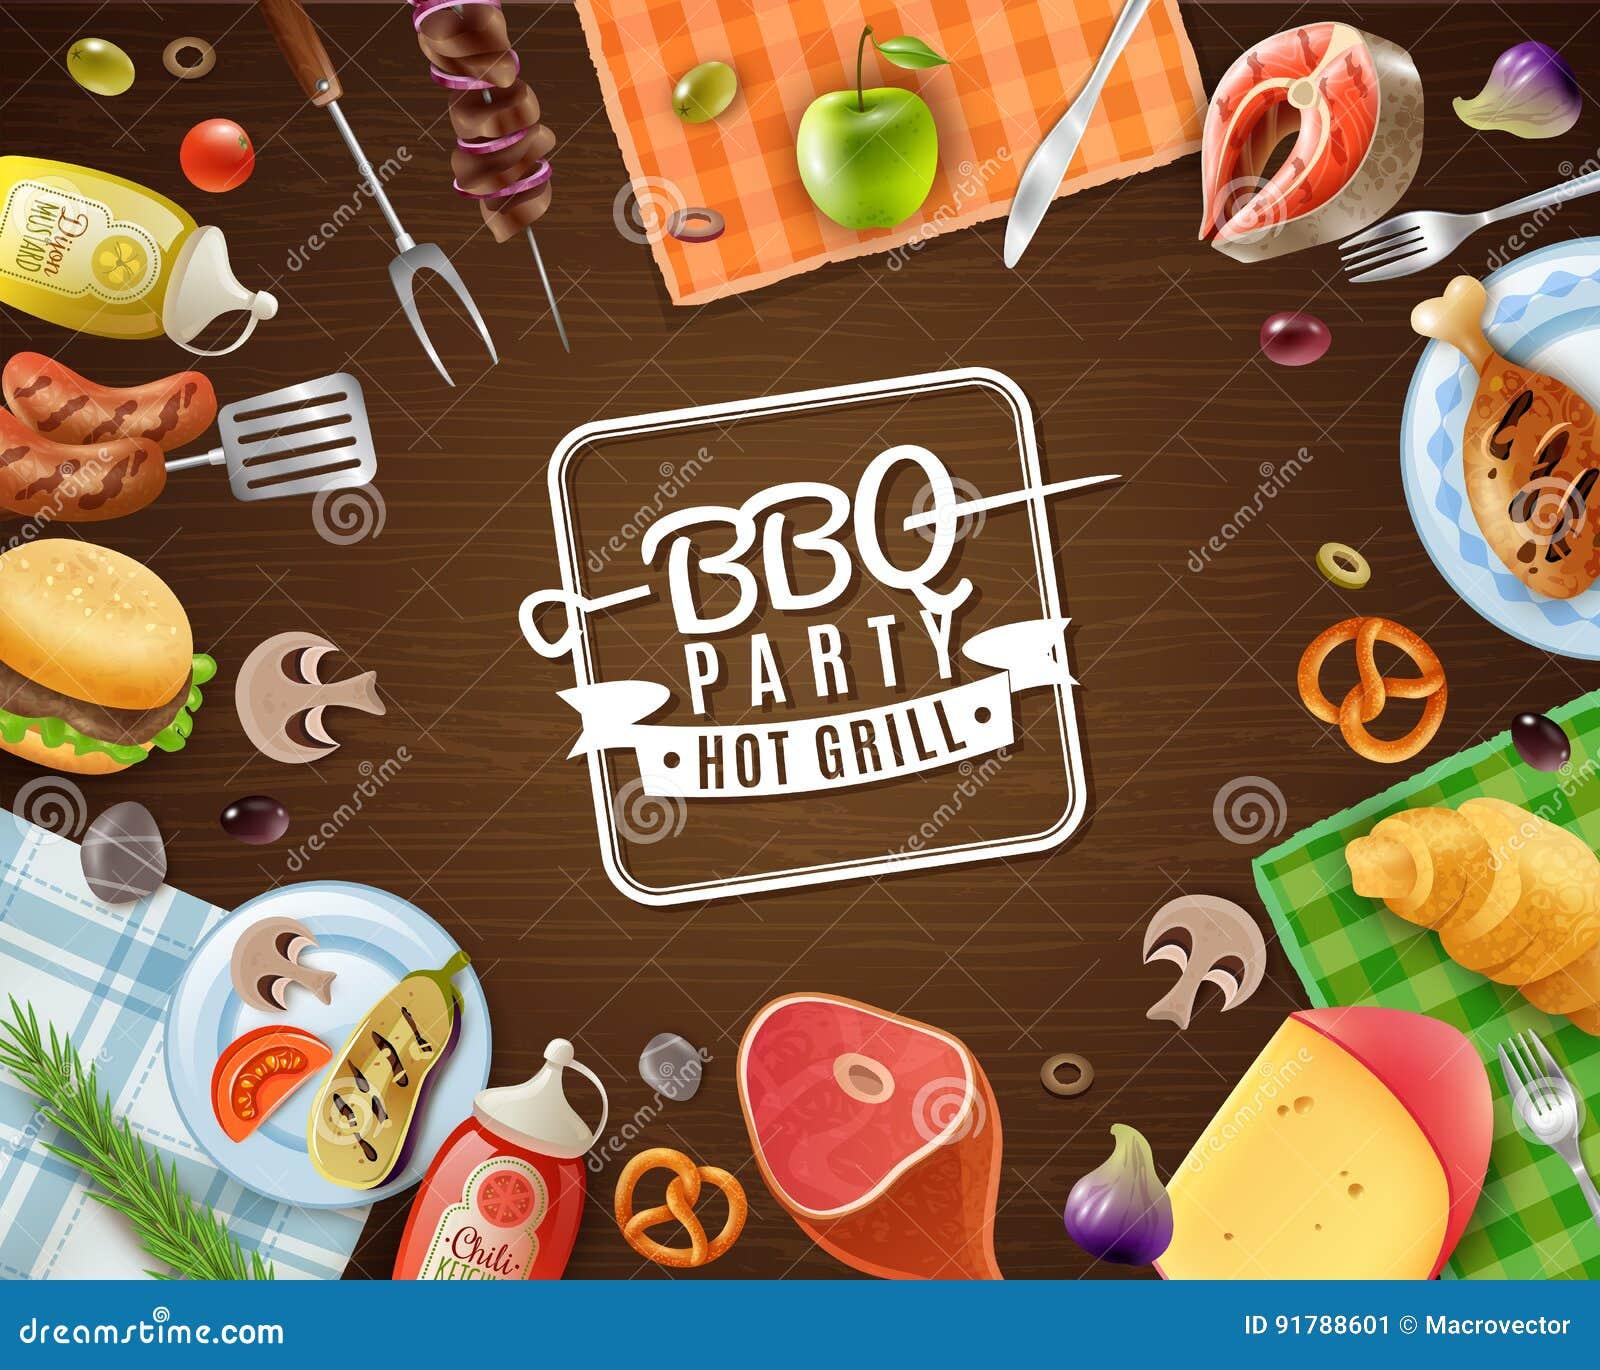 Рамка партии BBQ